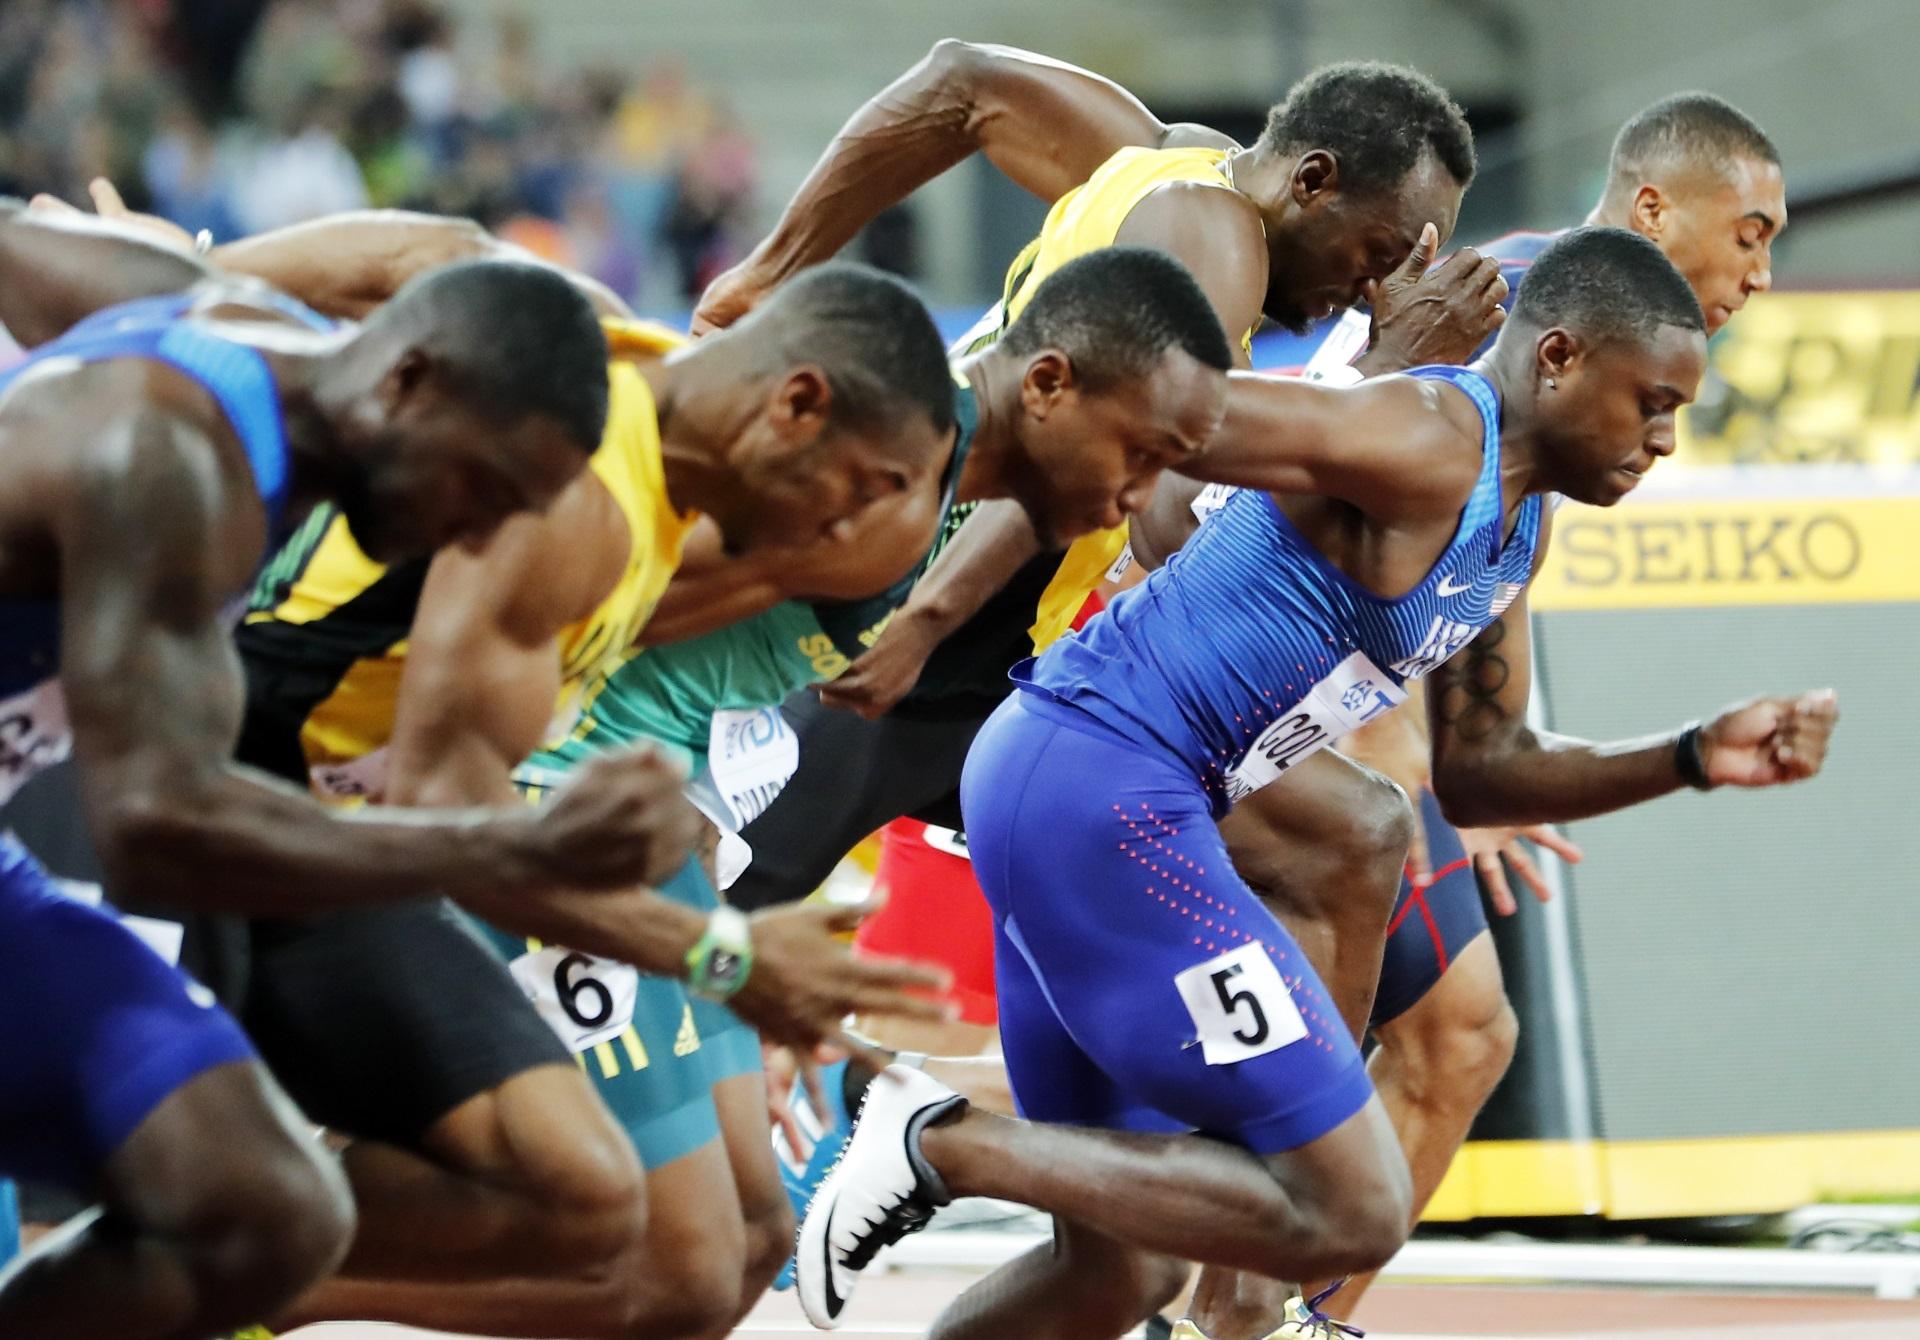 Coleman saca ventaja en la largada; Bolt y Gatlin se esfuerzan